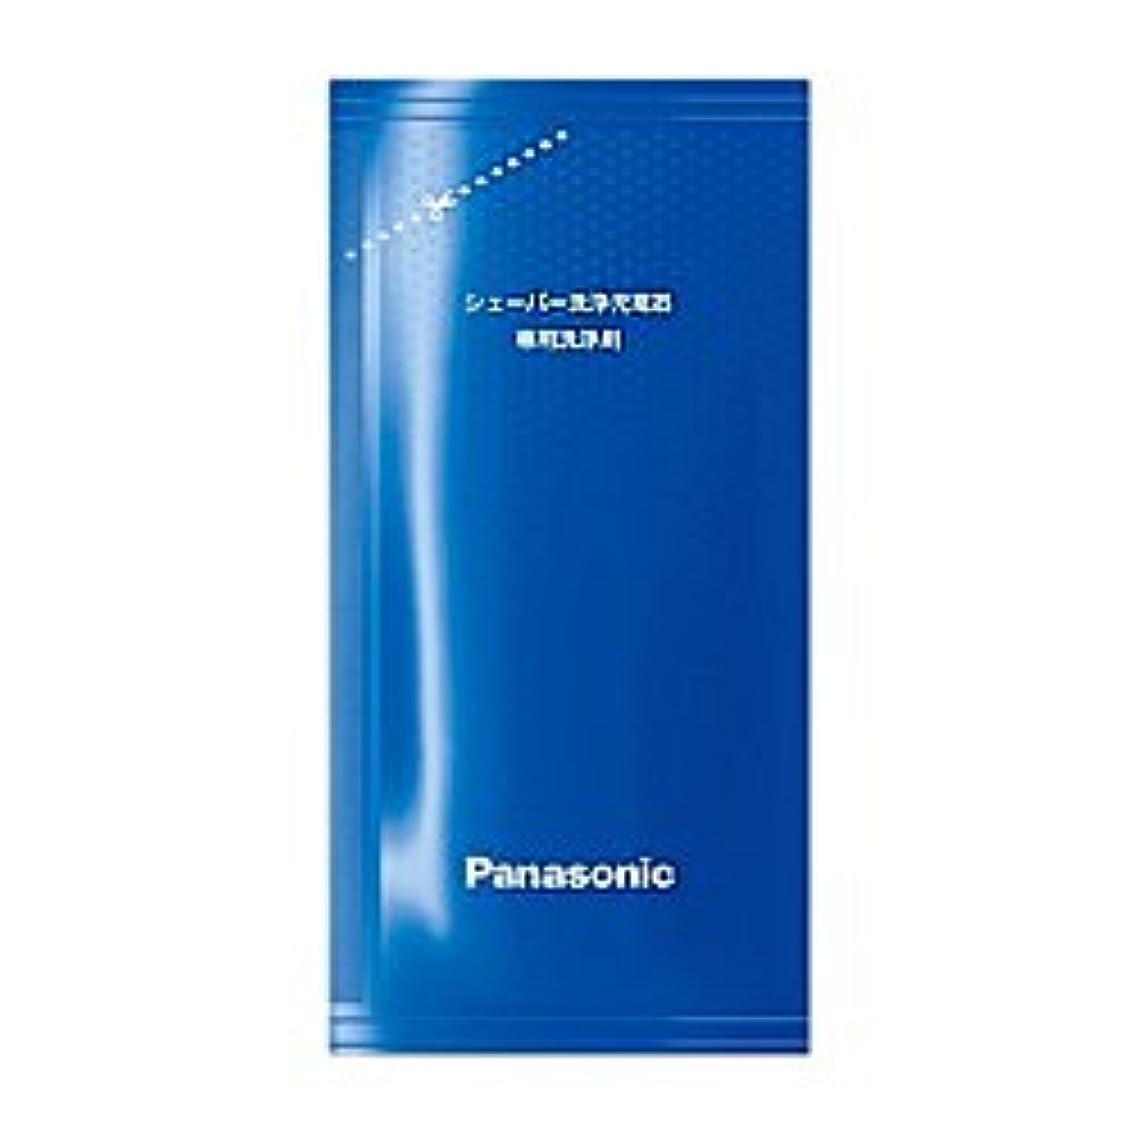 倒産差別化する服を片付ける【Panasonic】パナソニック シェーバー洗浄剤(新洗浄器用) ES-4L03 ×3個セット